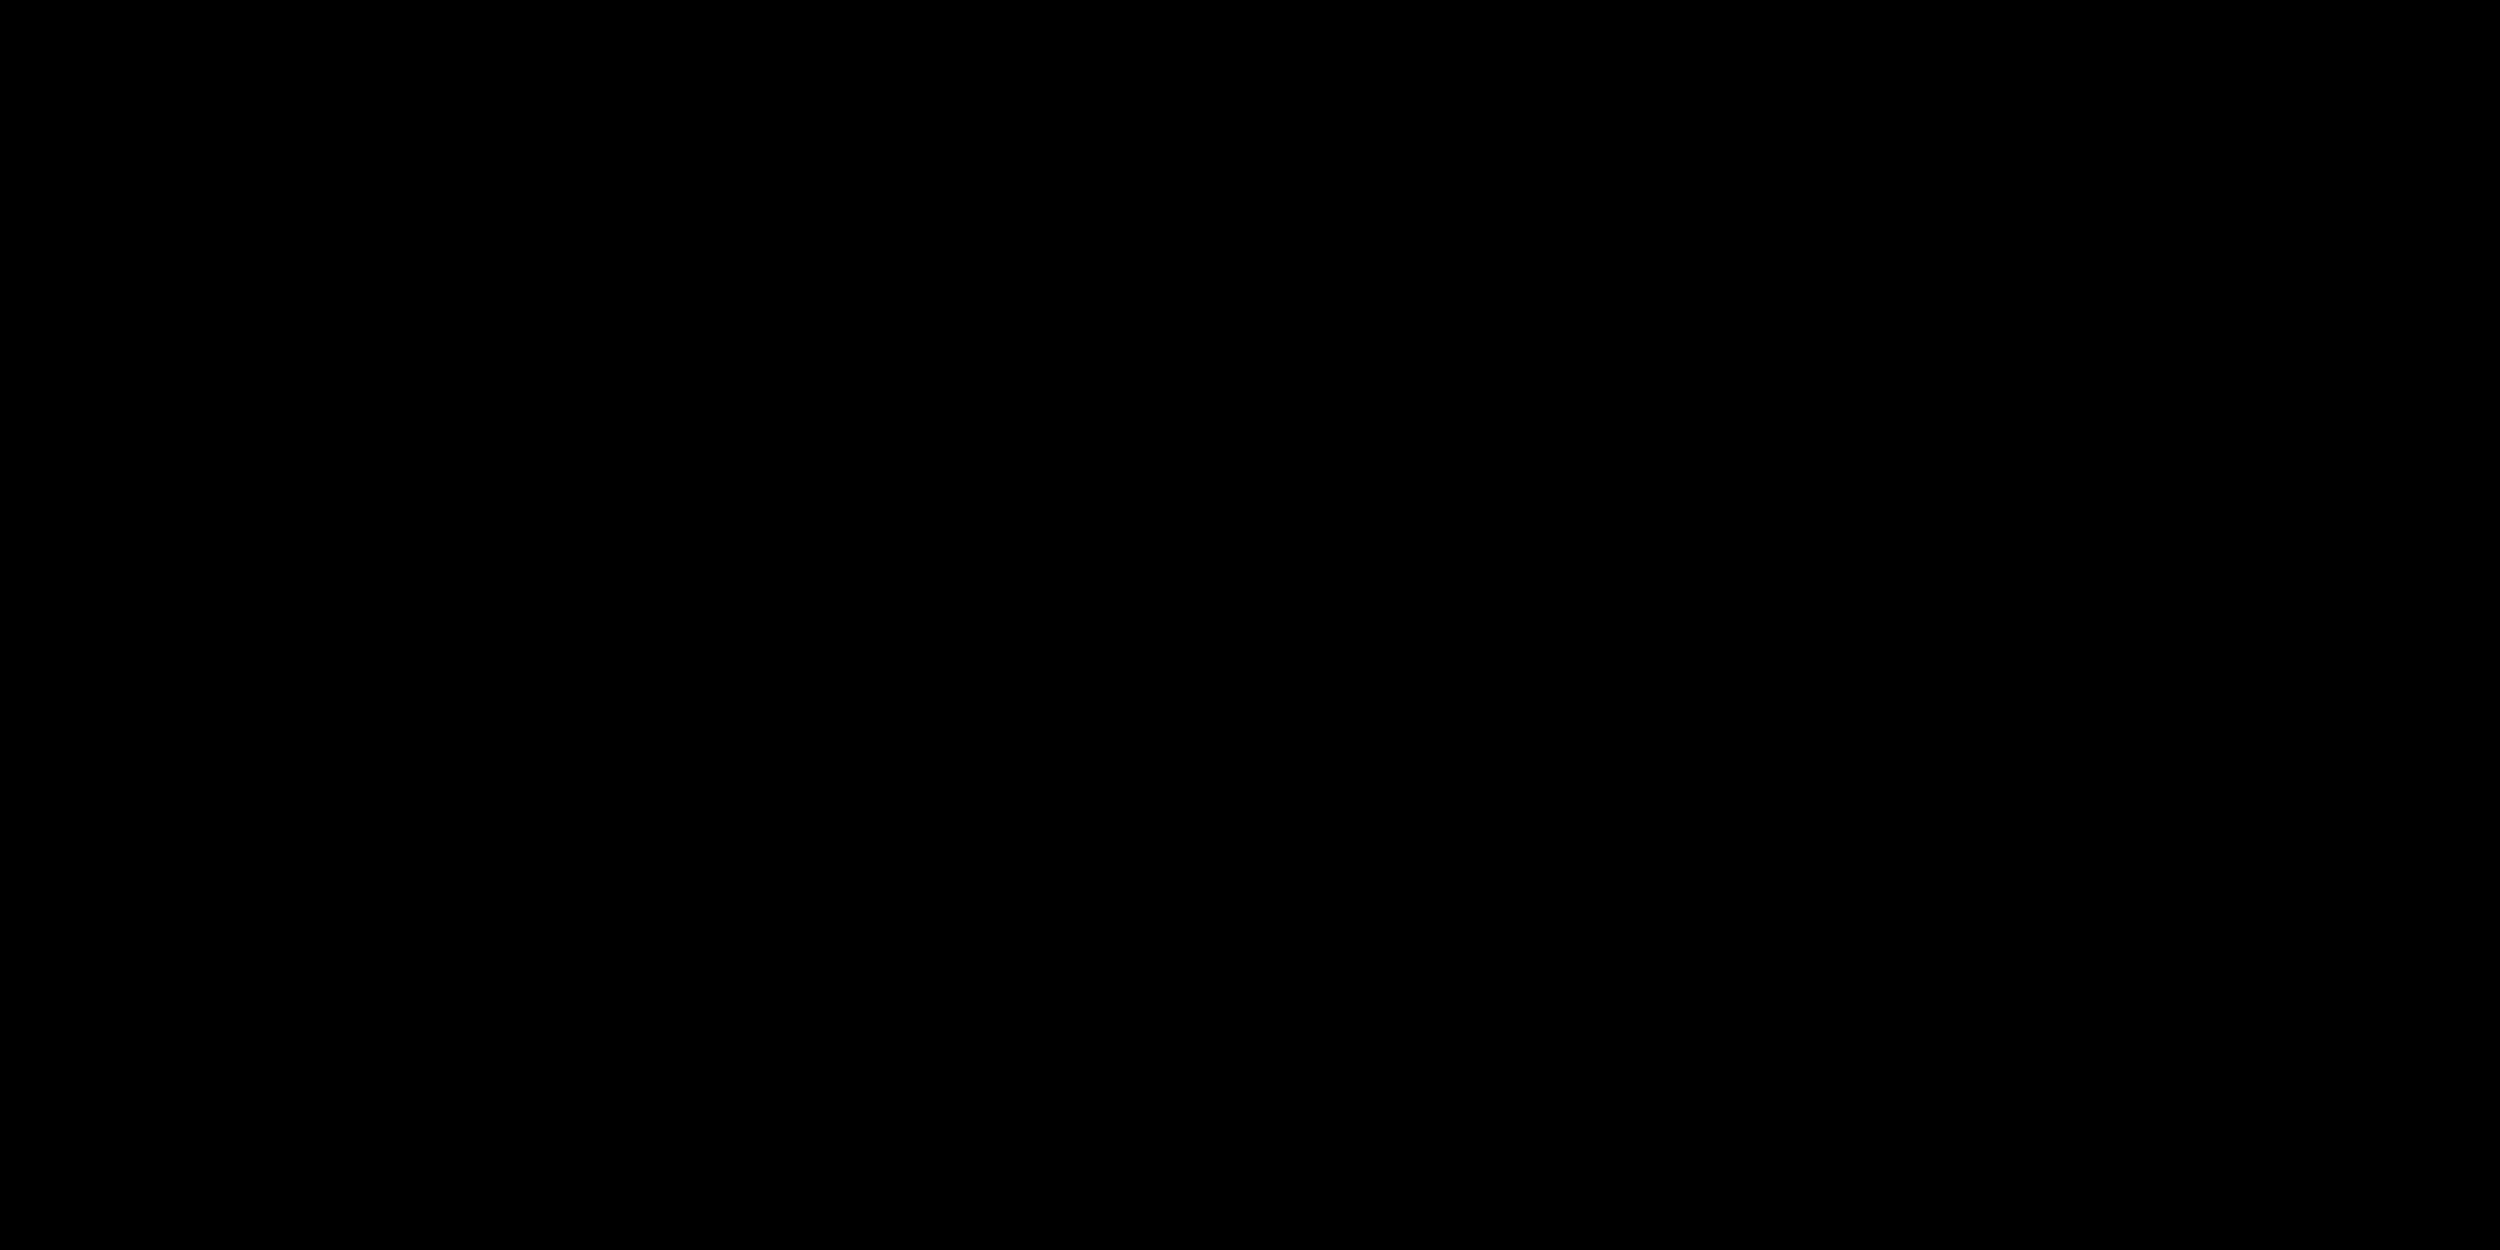 Condé_Nast_Traveler_logo.png